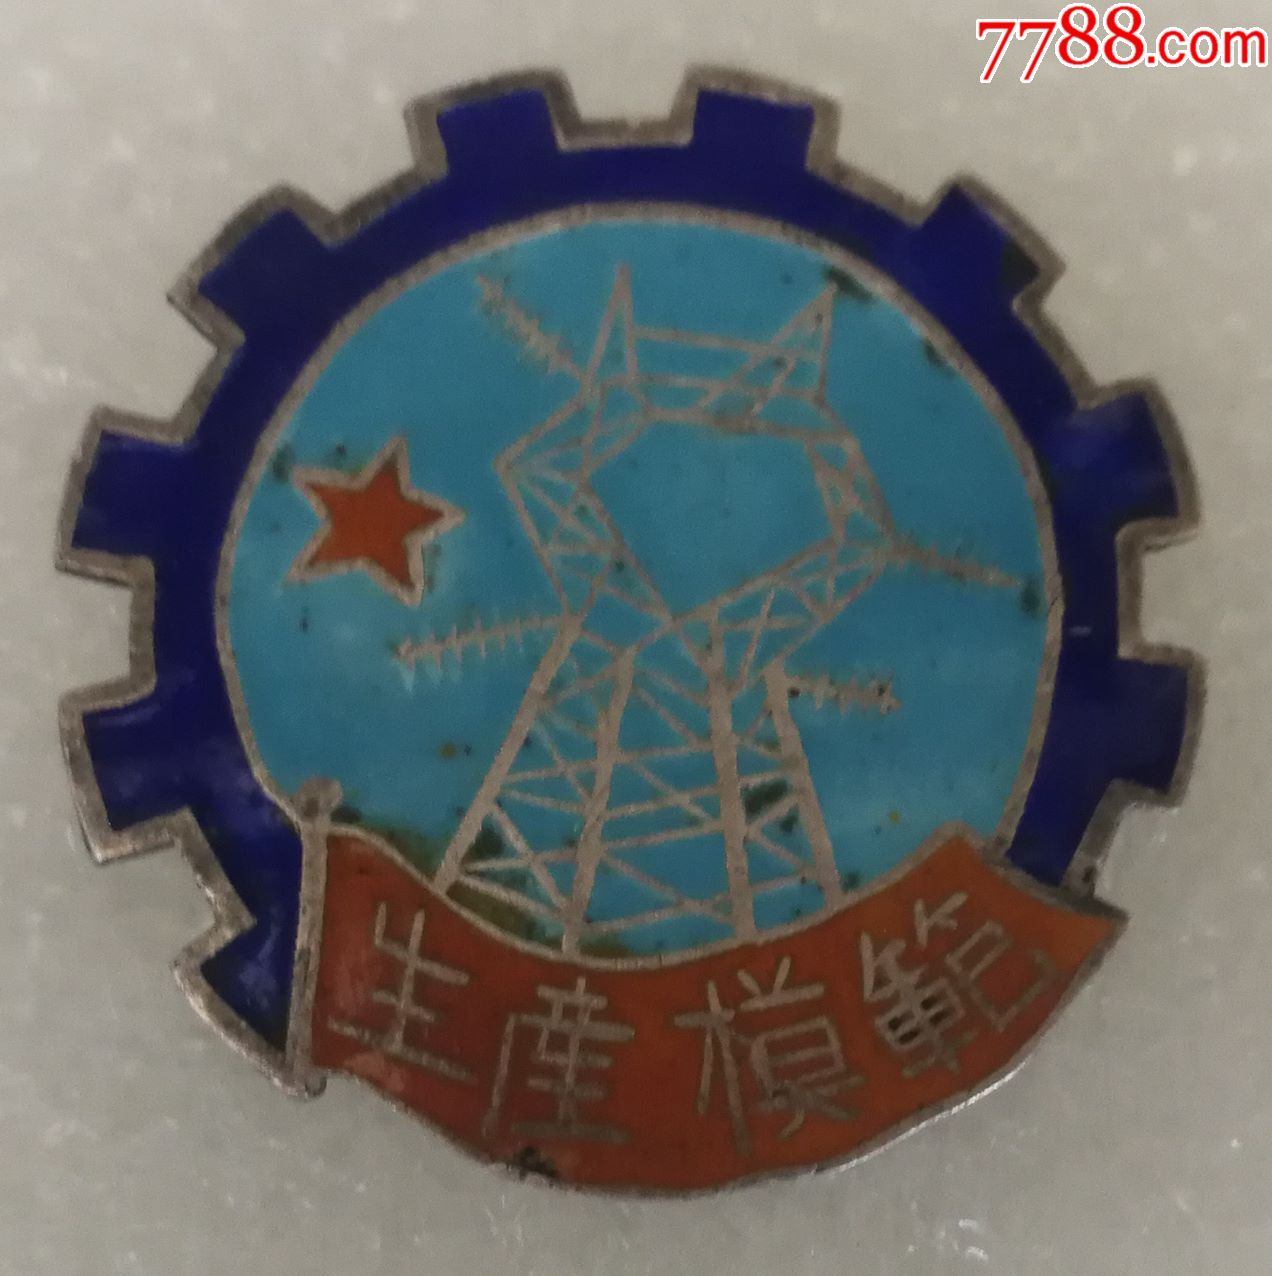 生产模范【西安电叶二届庆功会奖】银章(au19862996)_